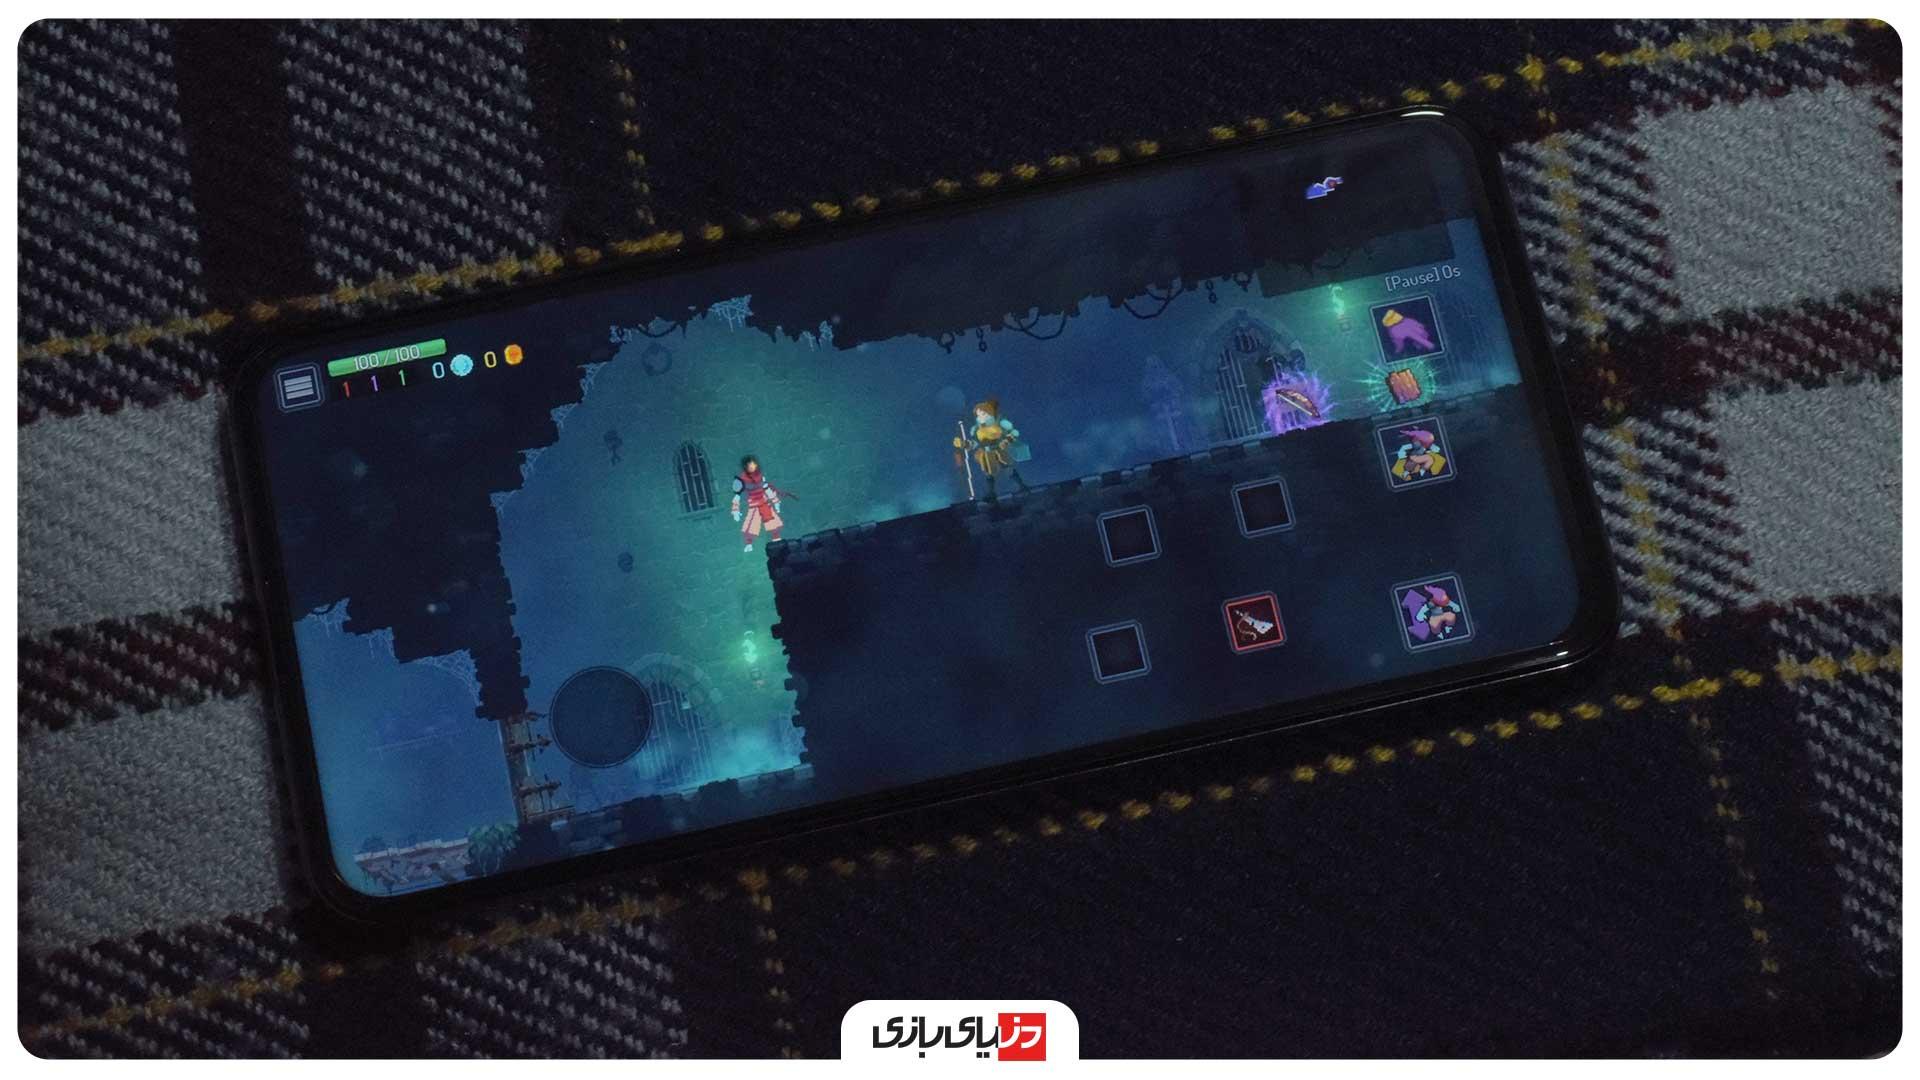 تست اجرای بازی گوشی Huawei Y9a